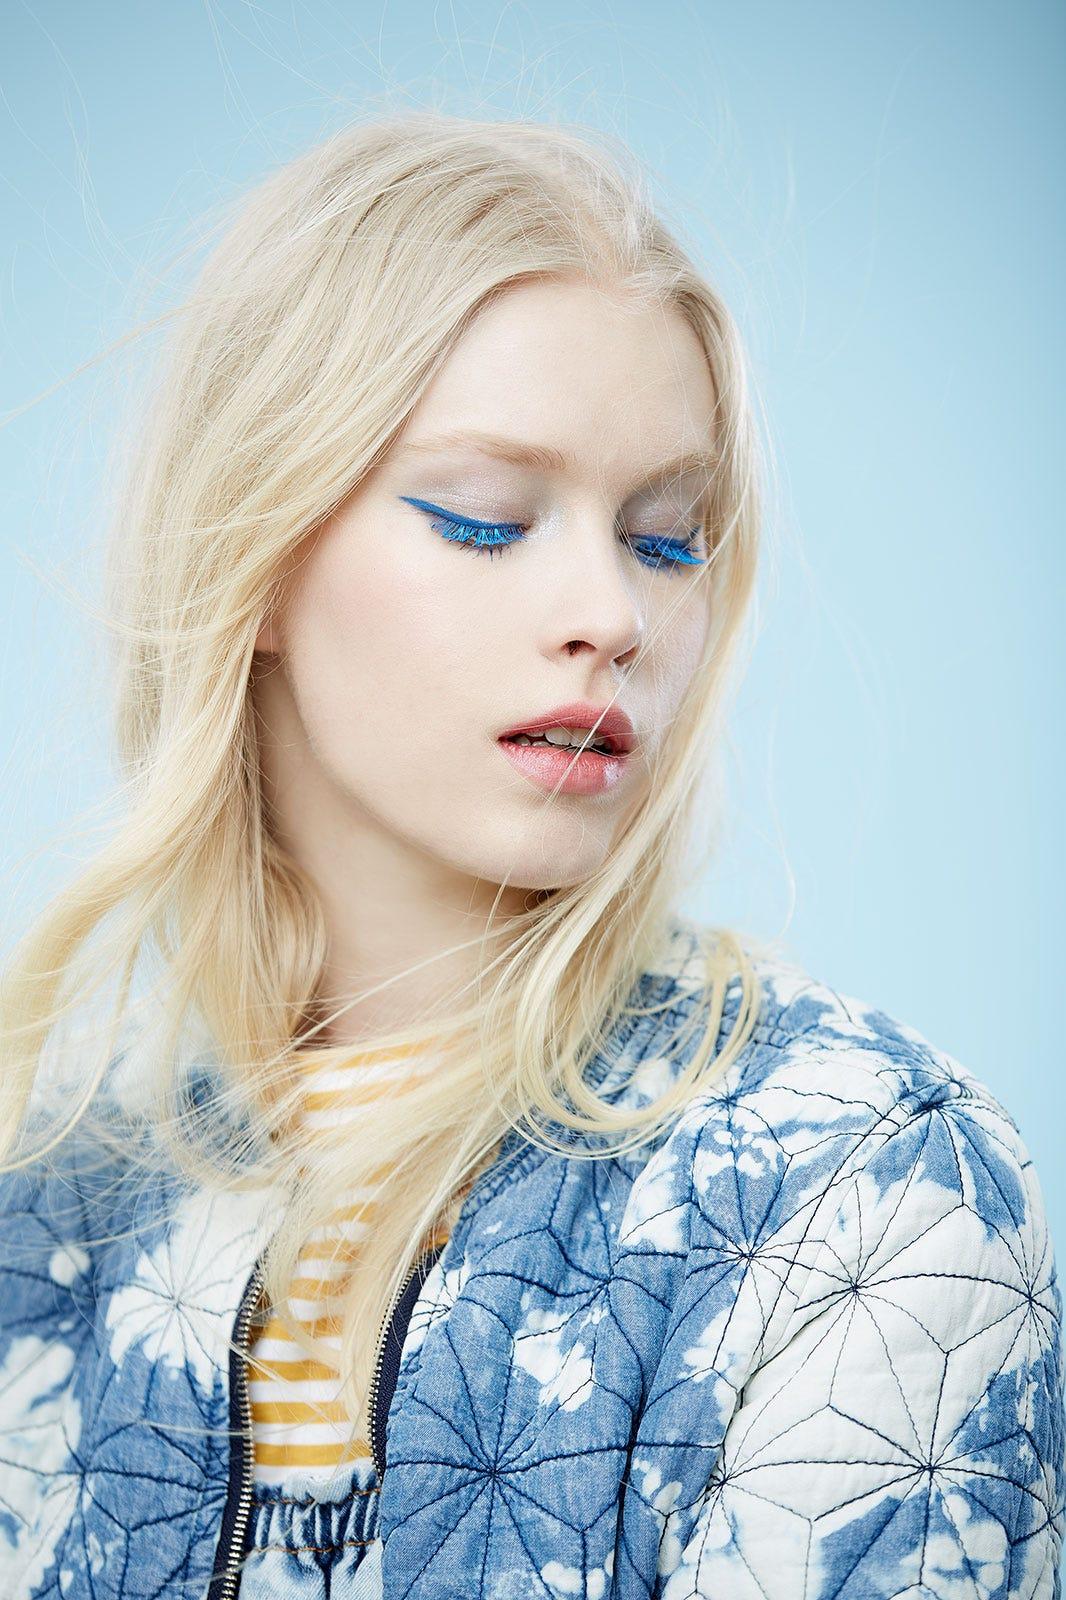 Blue dress lipstick games